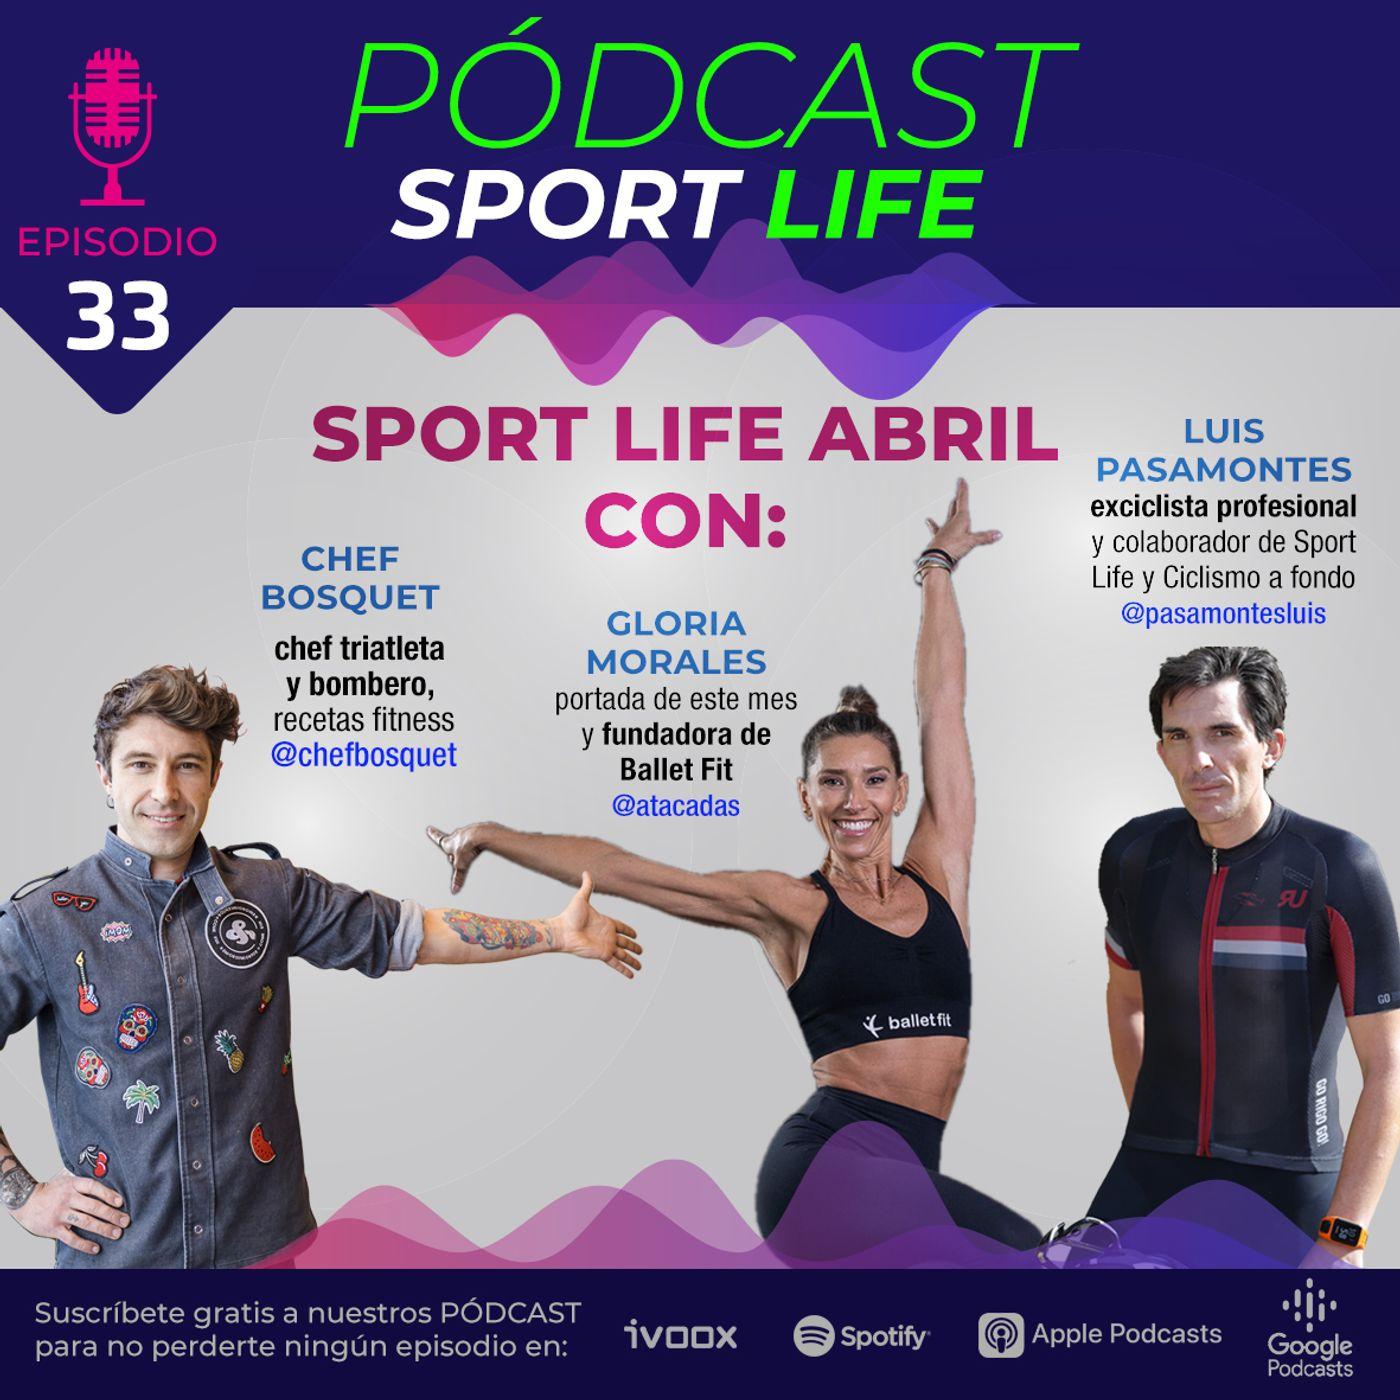 PODCAST SPL # 33- Protagonistas de la revista Sport Life de abril